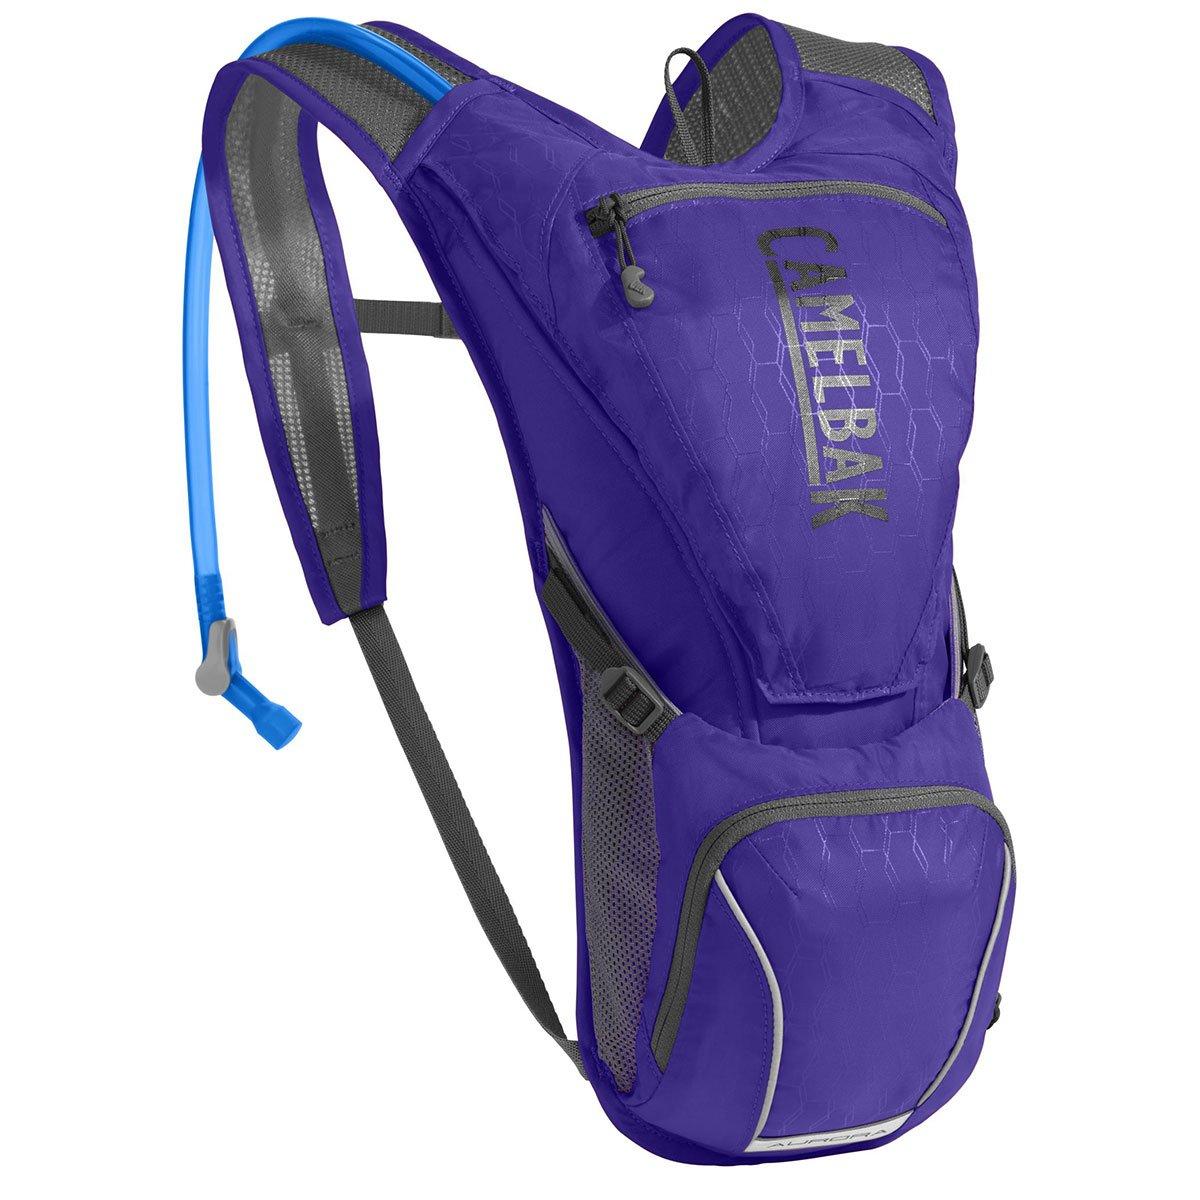 011df889e7dfc Damski plecak rowerowy z bukłakiem CAMELBAK Aurora purple/graphite ...